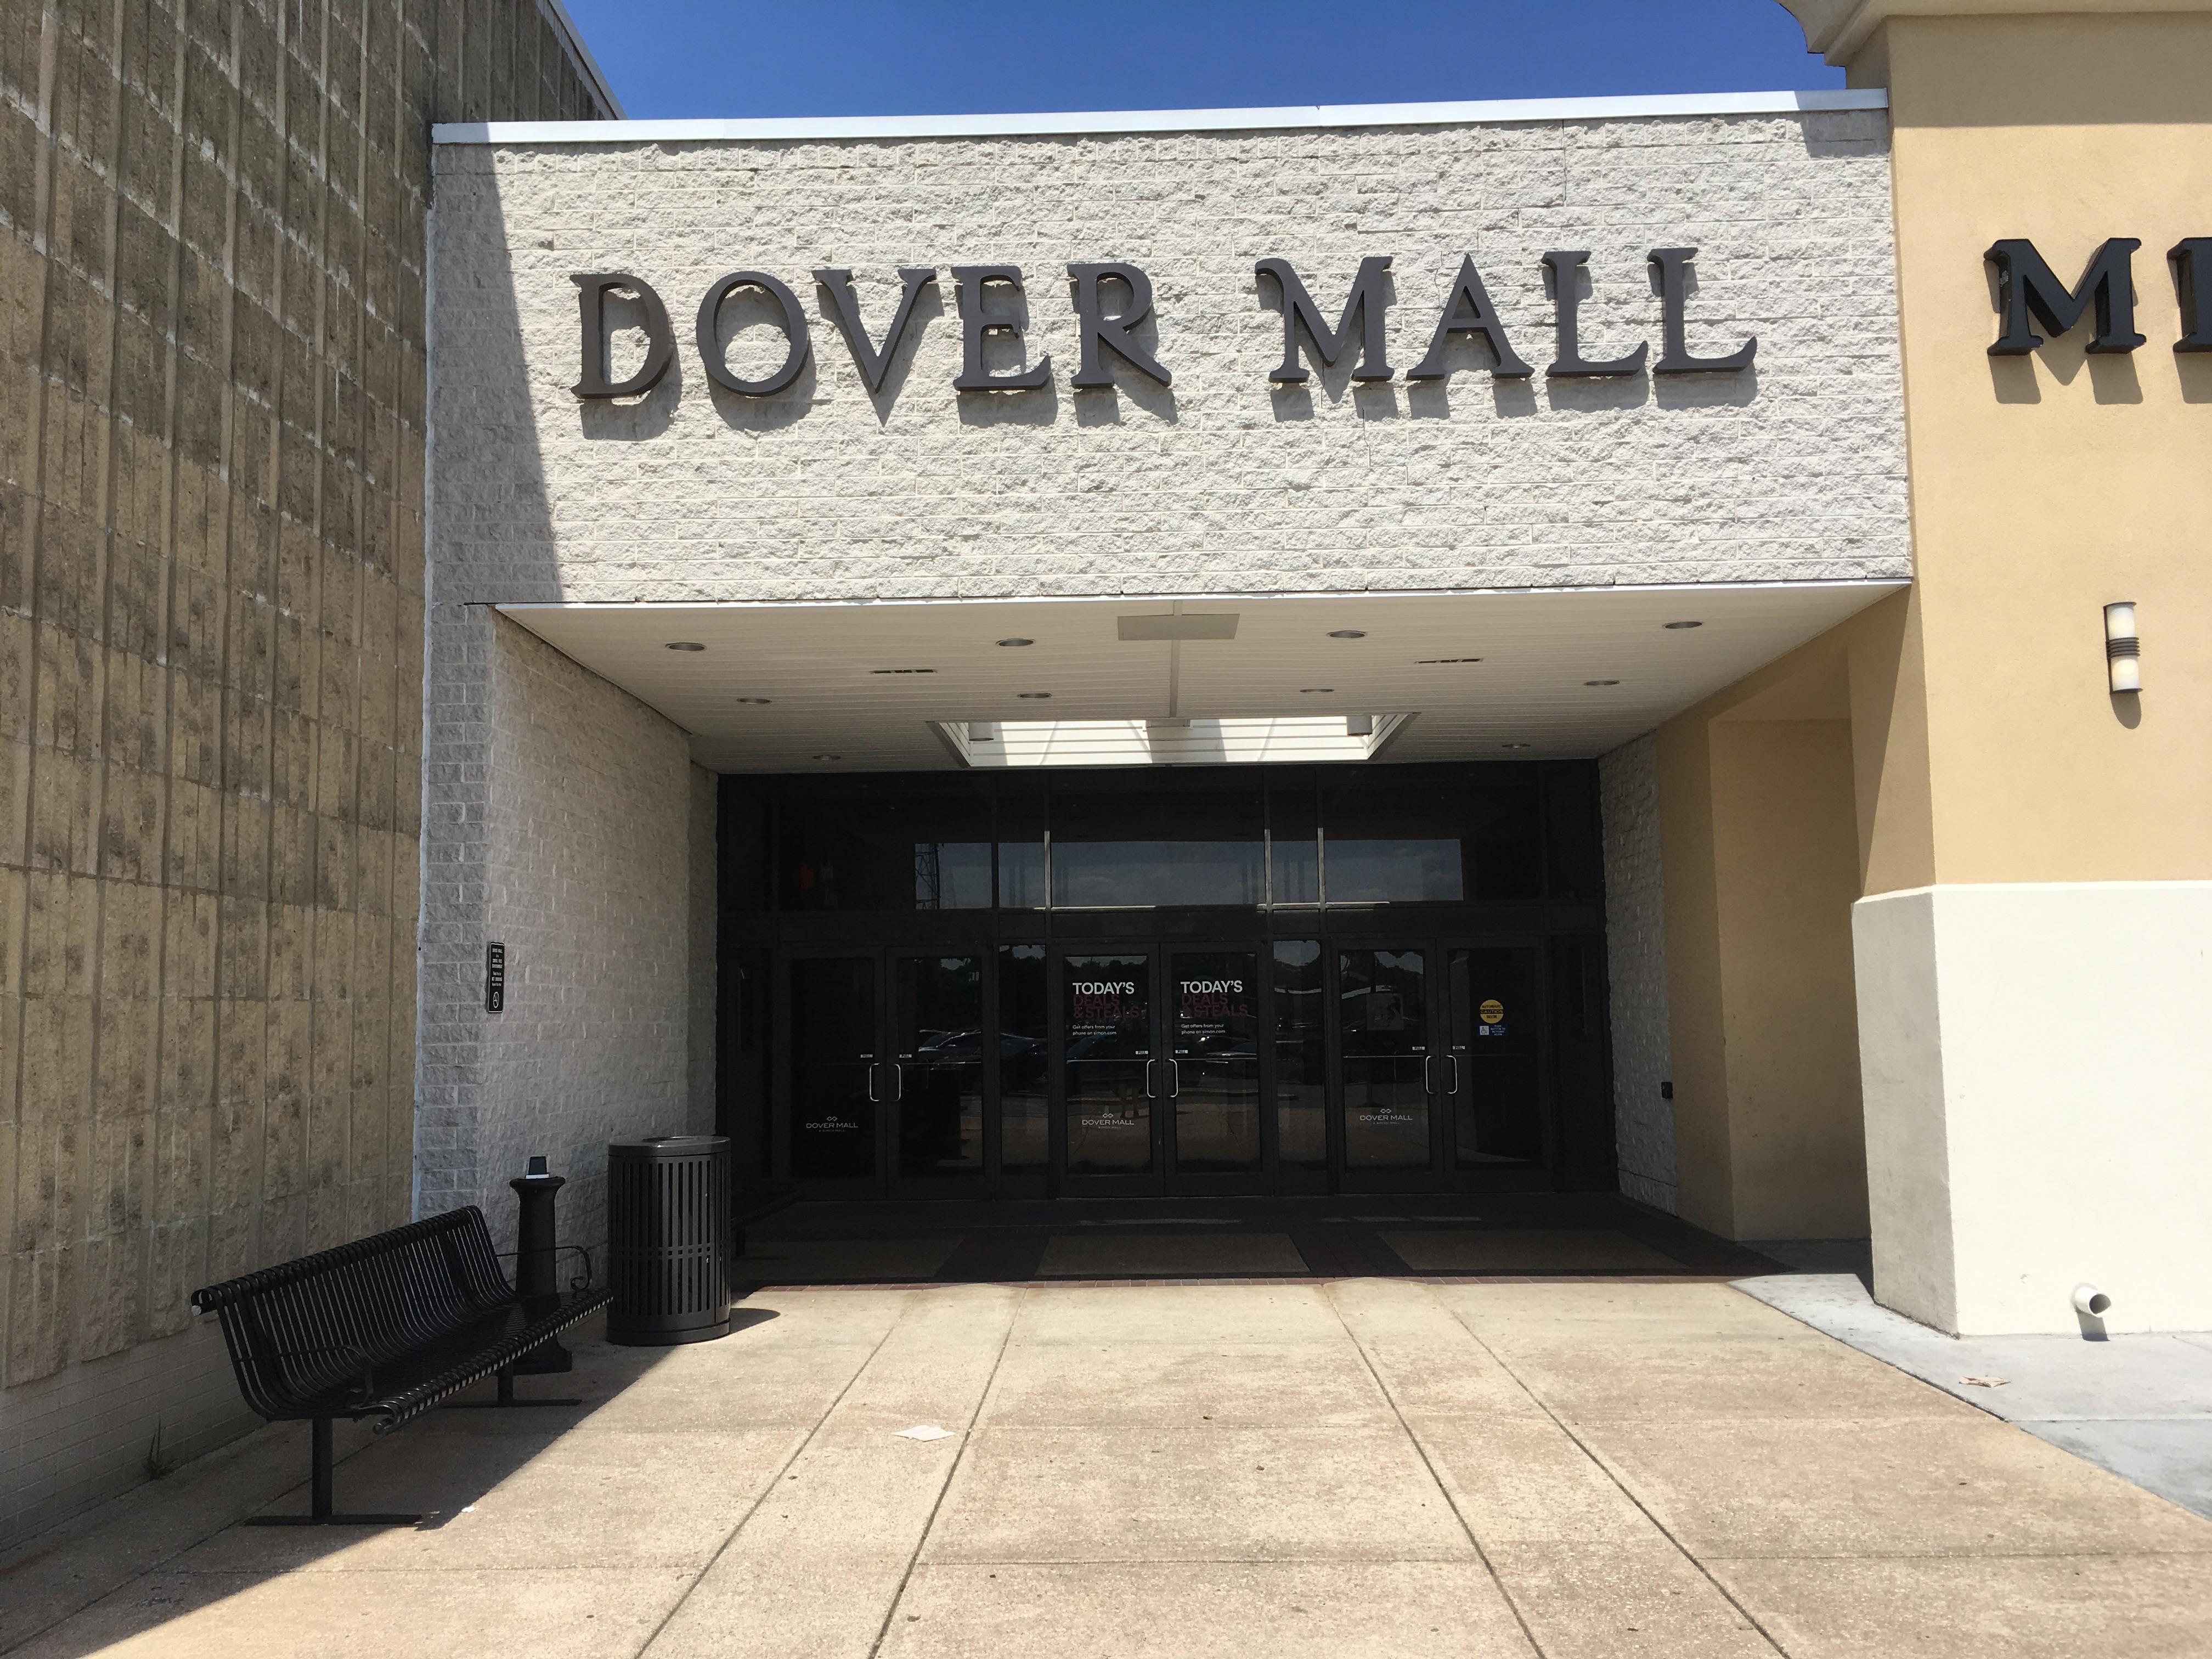 Dover Mall - Wikipedia